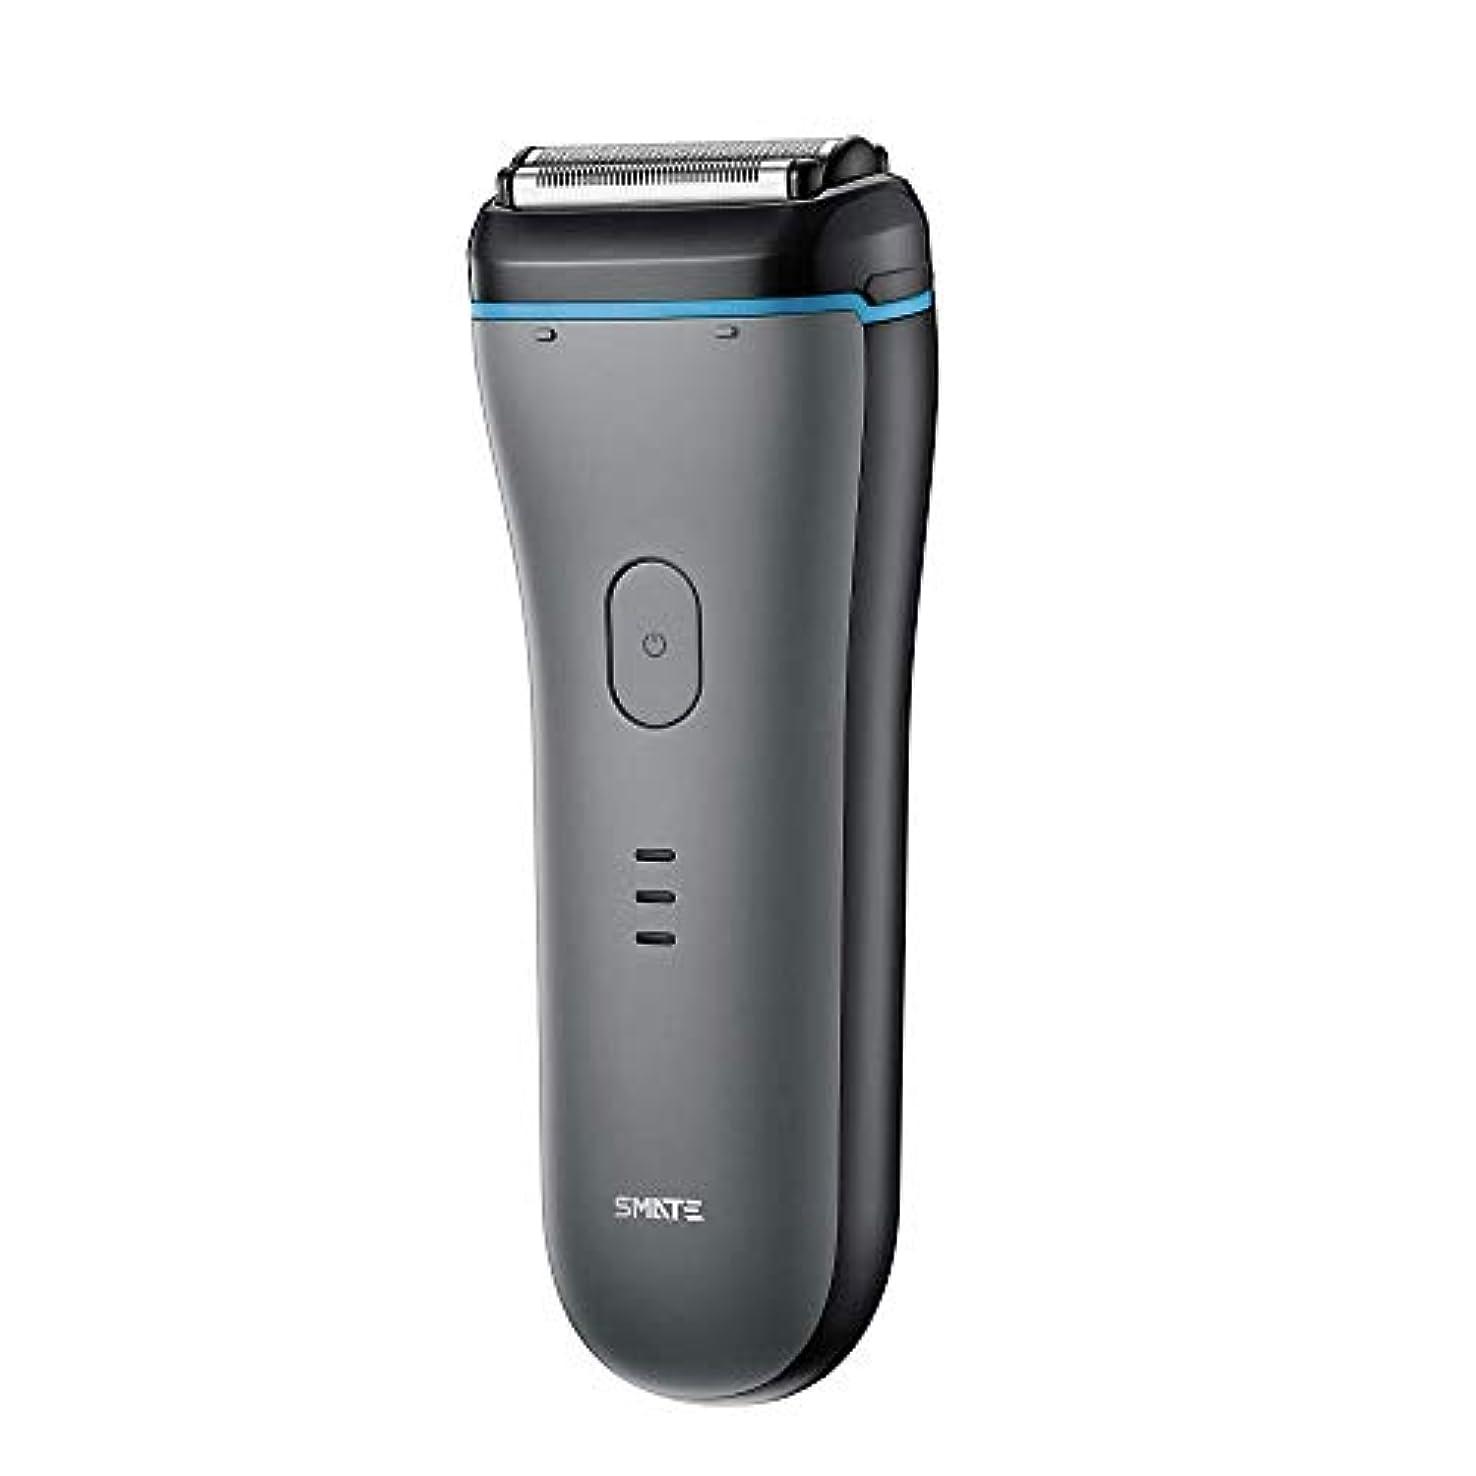 認識打倒発行SMATE ひげそり メンズ電気シェーパー 三枚刃往復式 USB充電式 電動髭剃り IPX7防水仕様 水洗い可 お風呂剃り可 乾湿両用-ブラック